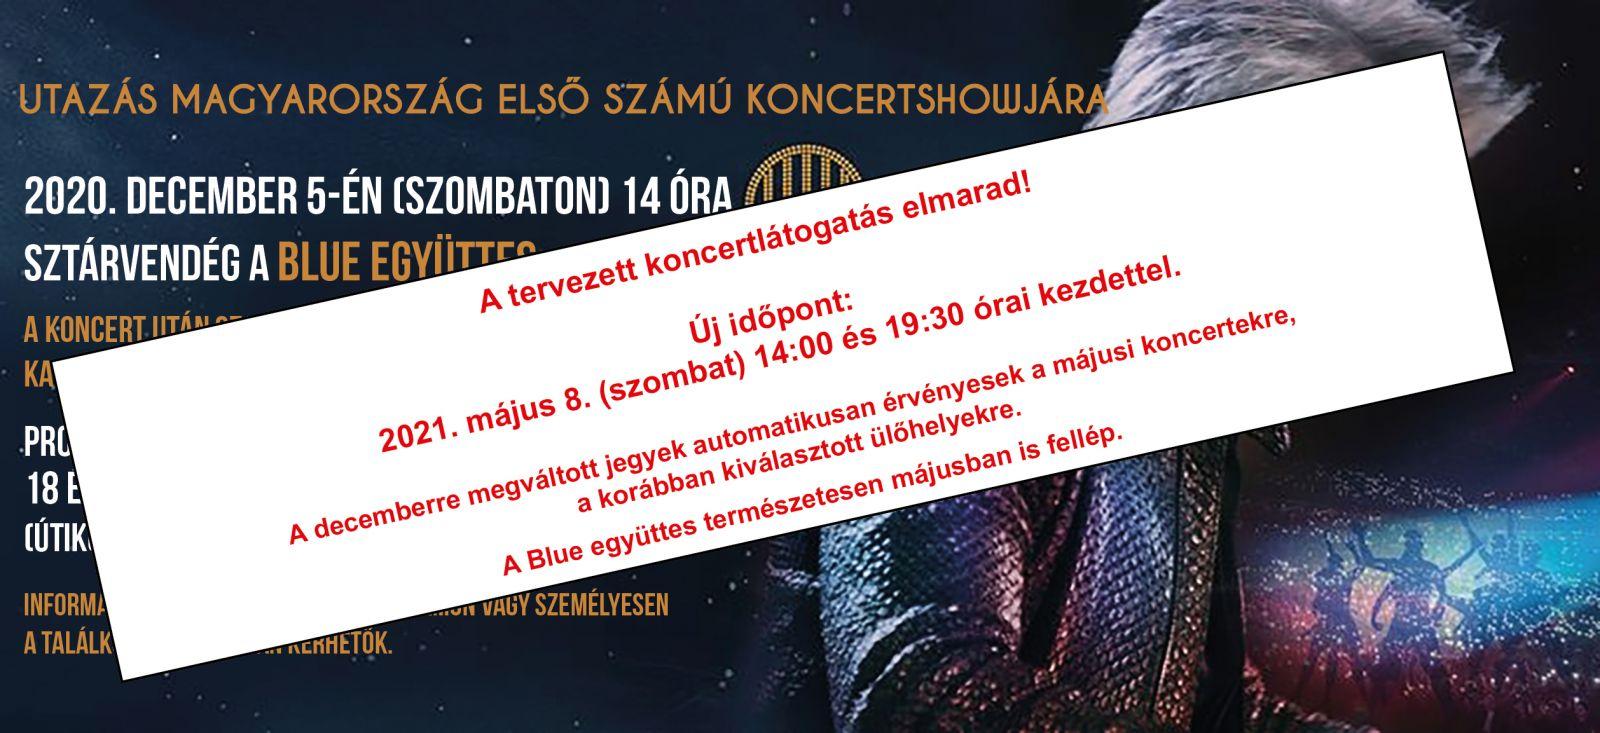 A tervezett koncertlátogatás elmarad!